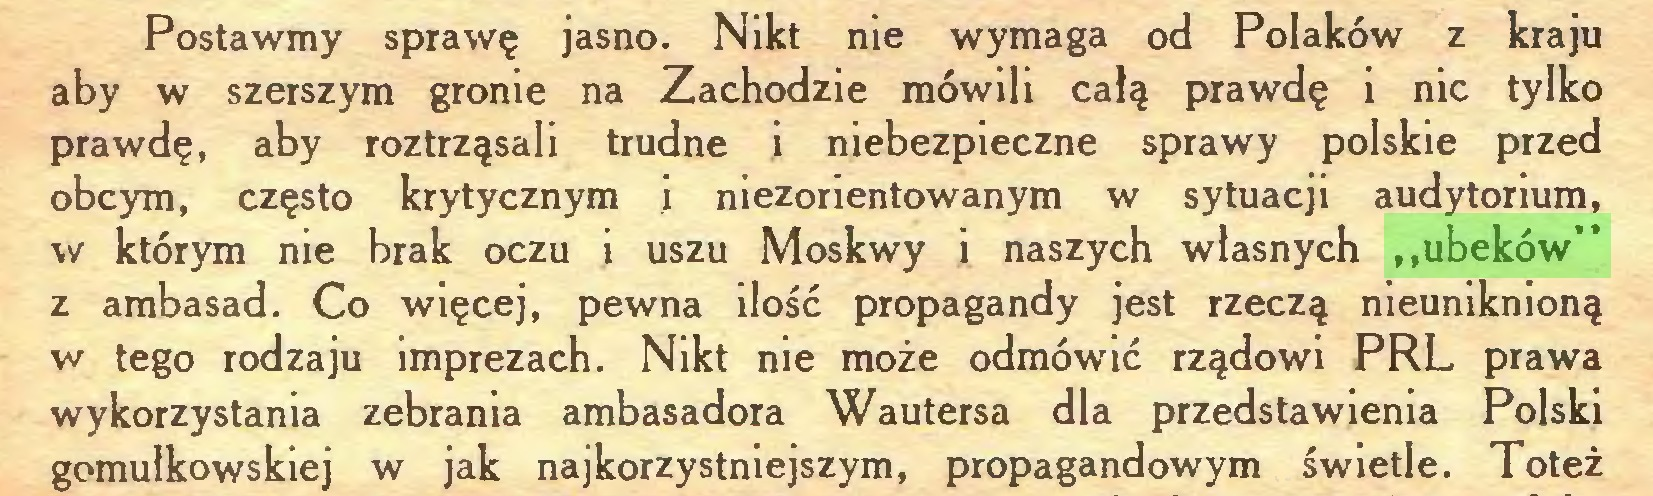 """(...) Postawmy sprawę jasno. Nikt nie wymaga od Polaków z kraju aby w szerszym gronie na Zachodzie mówili całą prawdę i nic tylko prawdę, aby roztrząsali trudne i niebezpieczne sprawy polskie przed obcym, często krytycznym i niezorientowanym w sytuacji audytorium, w którym nie brak oczu i uszu Moskwy i naszych własnych """"ubeków"""" z ambasad. Co więcej, pewna ilość propagandy jest rzeczą nieuniknioną w tego rodzaju imprezach. Nikt nie może odmówić rządowi PRL prawa wykorzystania zebrania ambasadora Wautersa dla przedstawienia Polski gomułkowskiej w jak najkorzystniejszym, propagandowym świetle. Toteż..."""